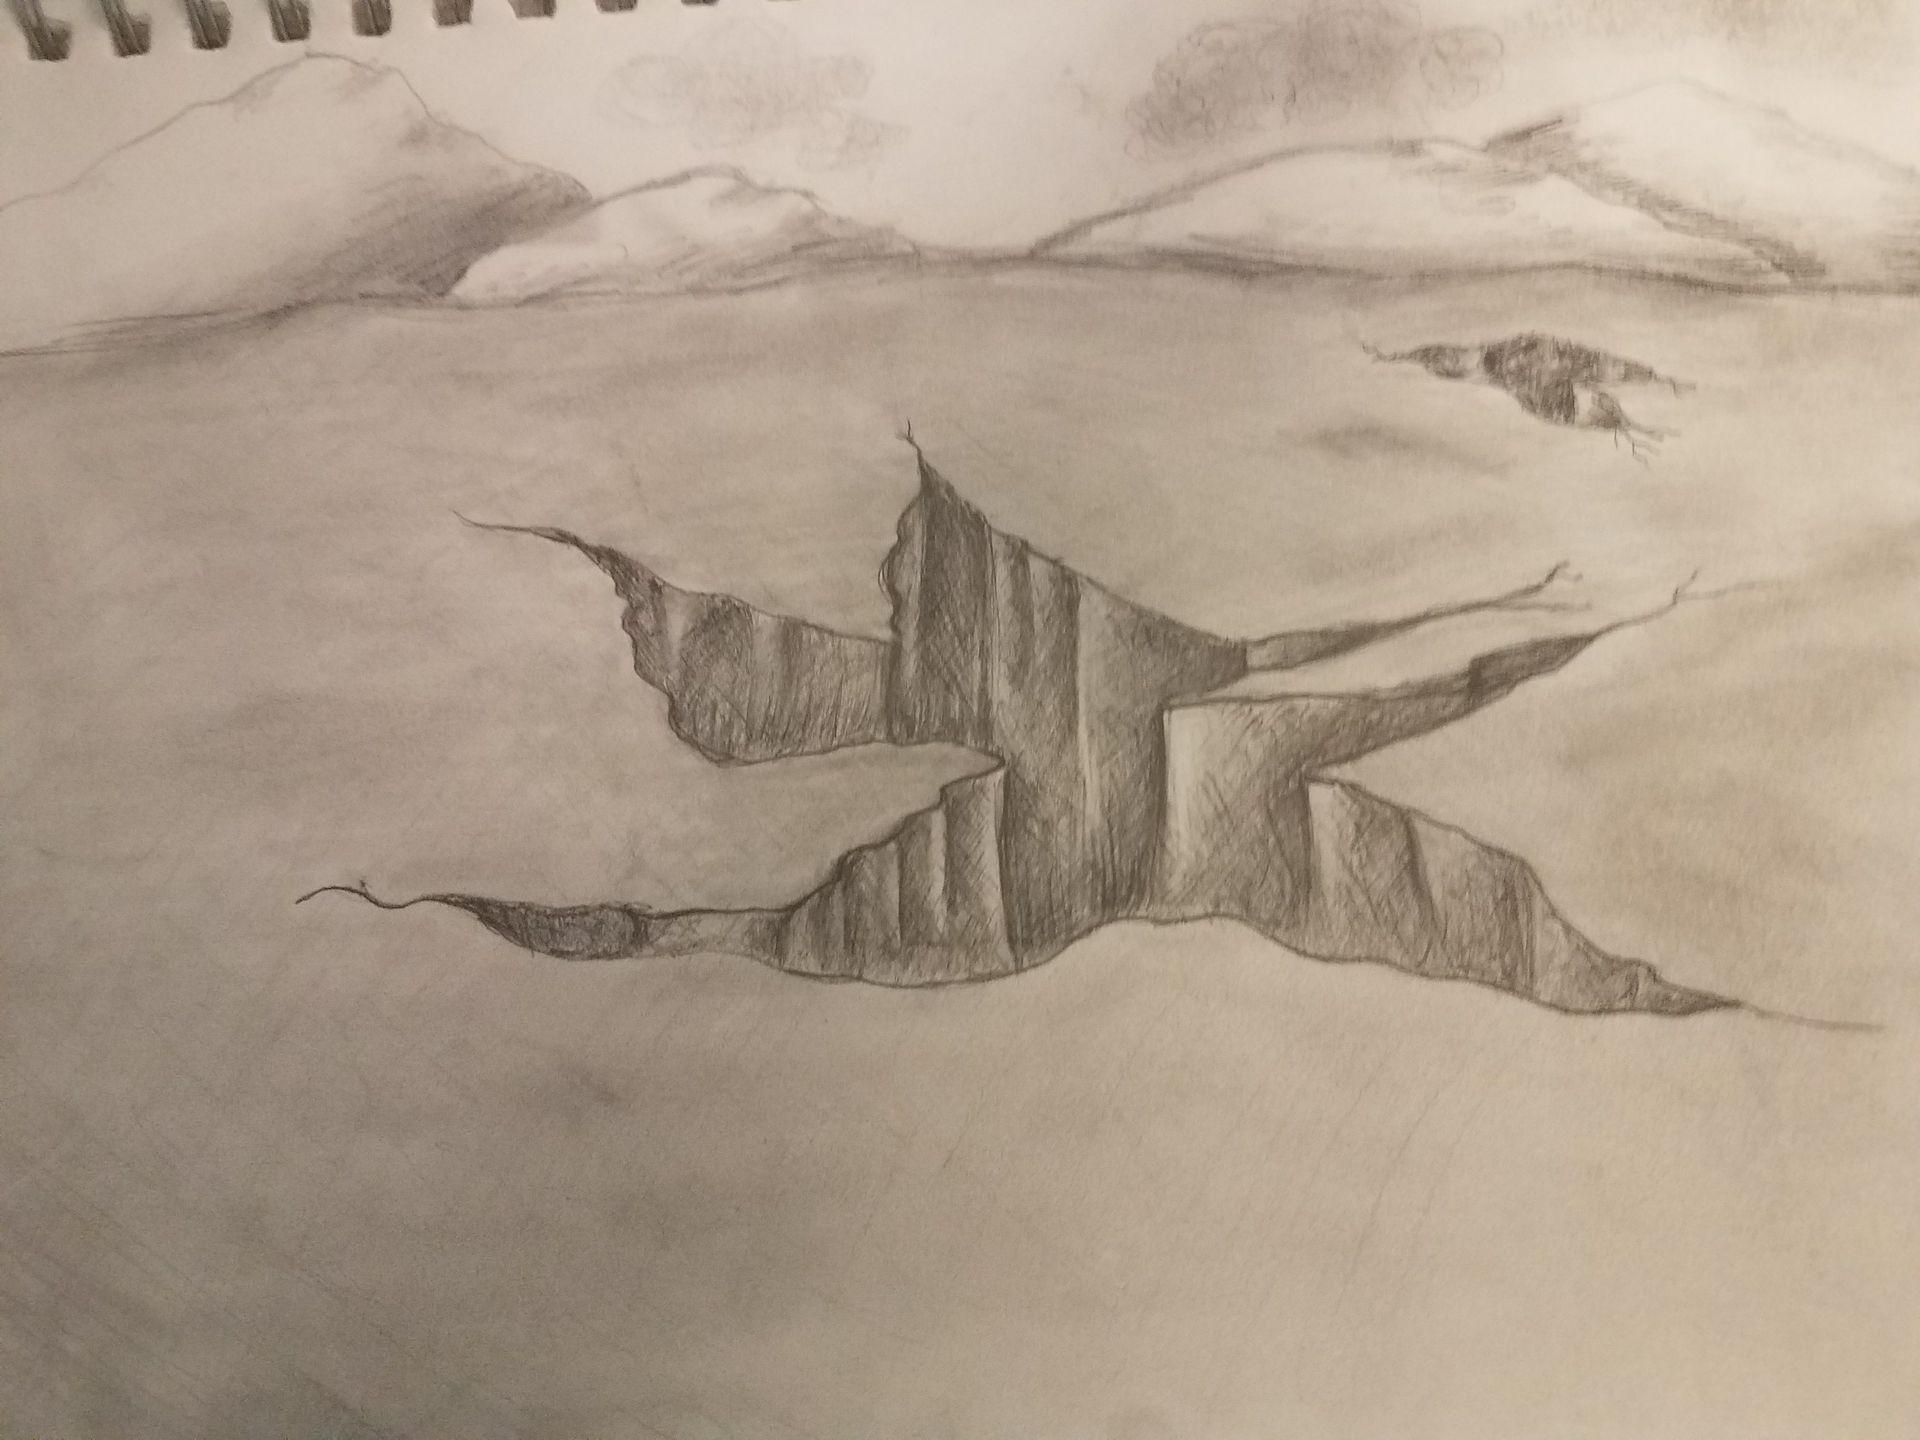 Art book #2 - Cool Little Update - Wattpad